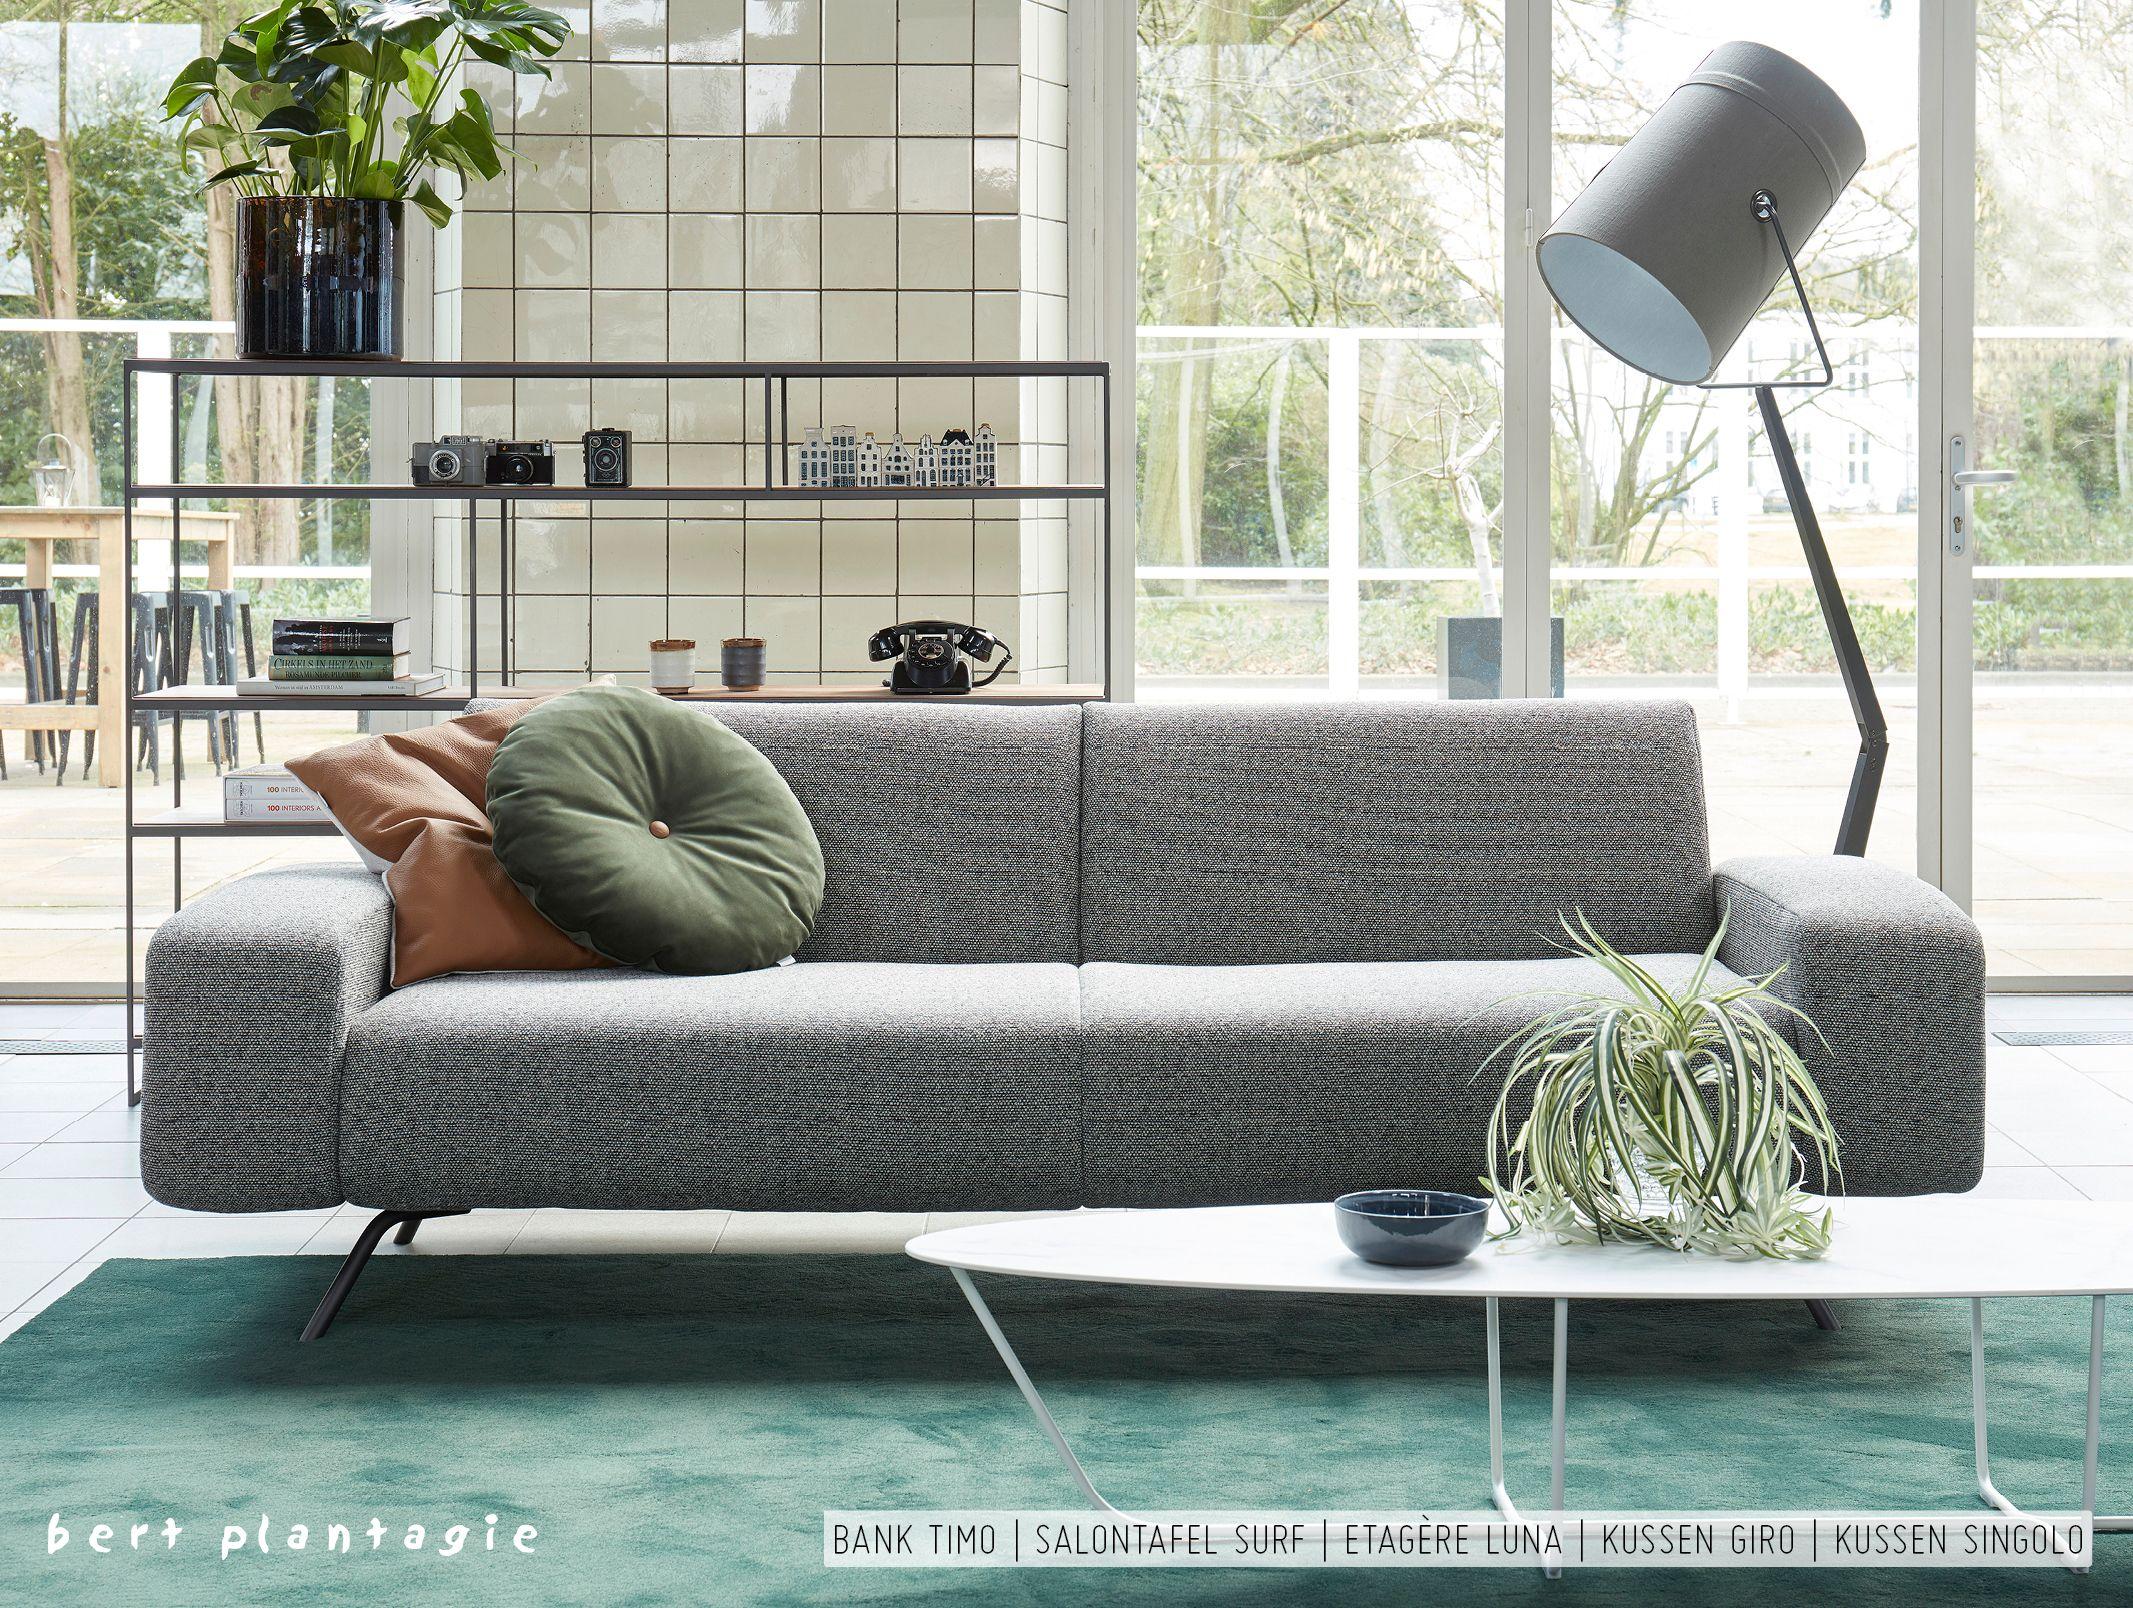 Top Ergebnis 50 Schön Xxl sofa Grafiken 2018 Uqw1 2017 Esszimmer